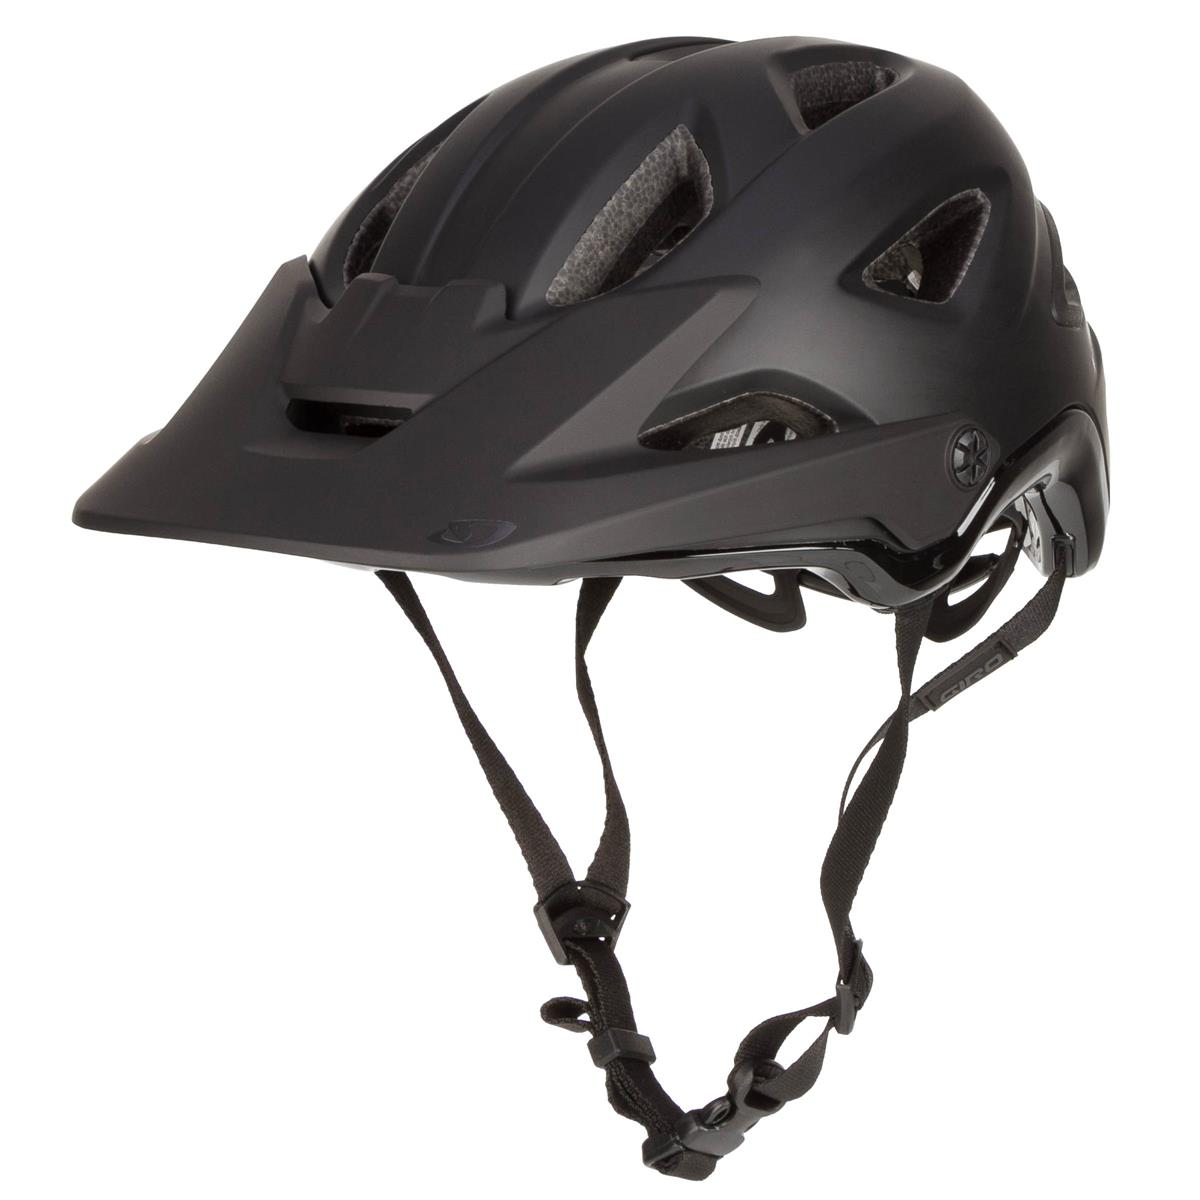 Radsport Giro Enduro-MTB Helm Montaro MIPS Matt/Gloss Schwarz